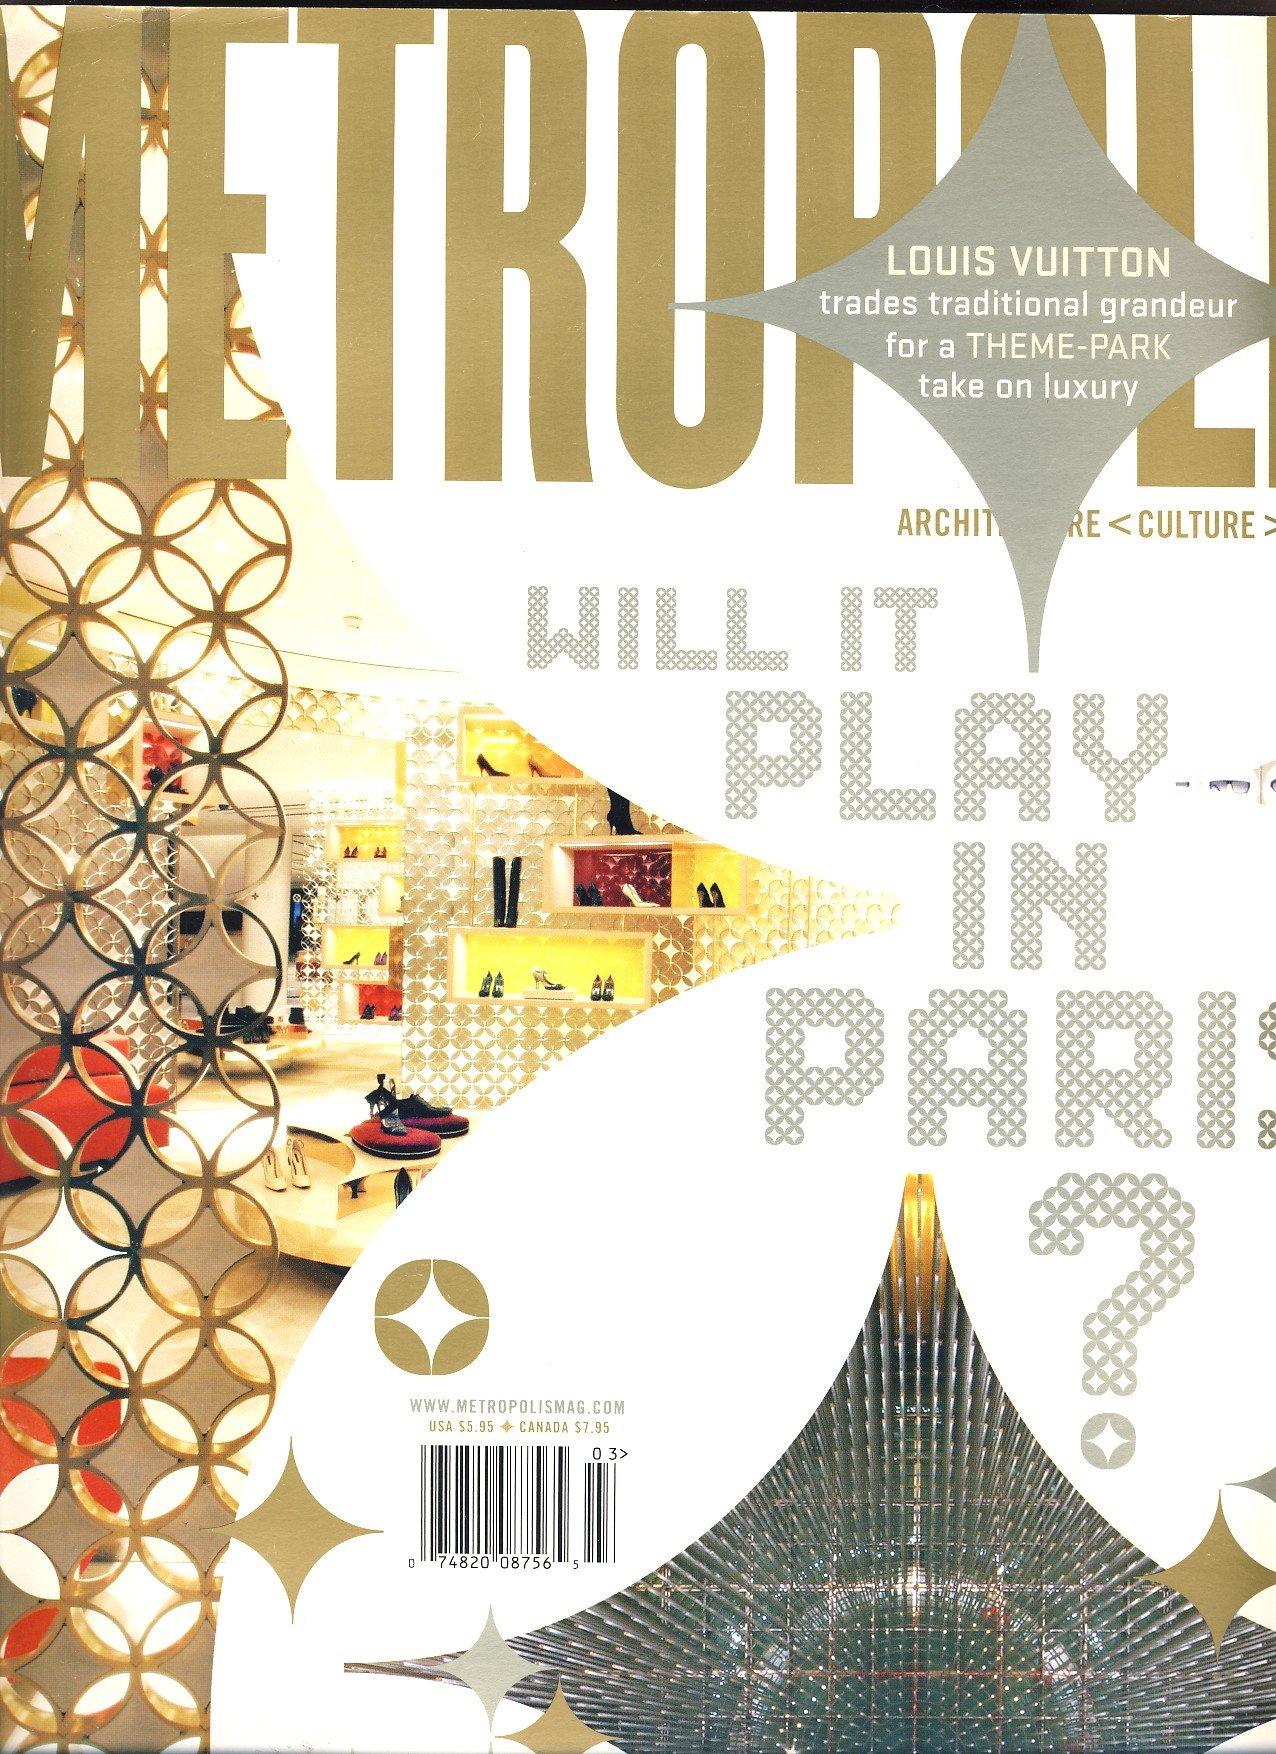 Metropolis Magazine, March 2006 (Paris- Louis Vuitton store)